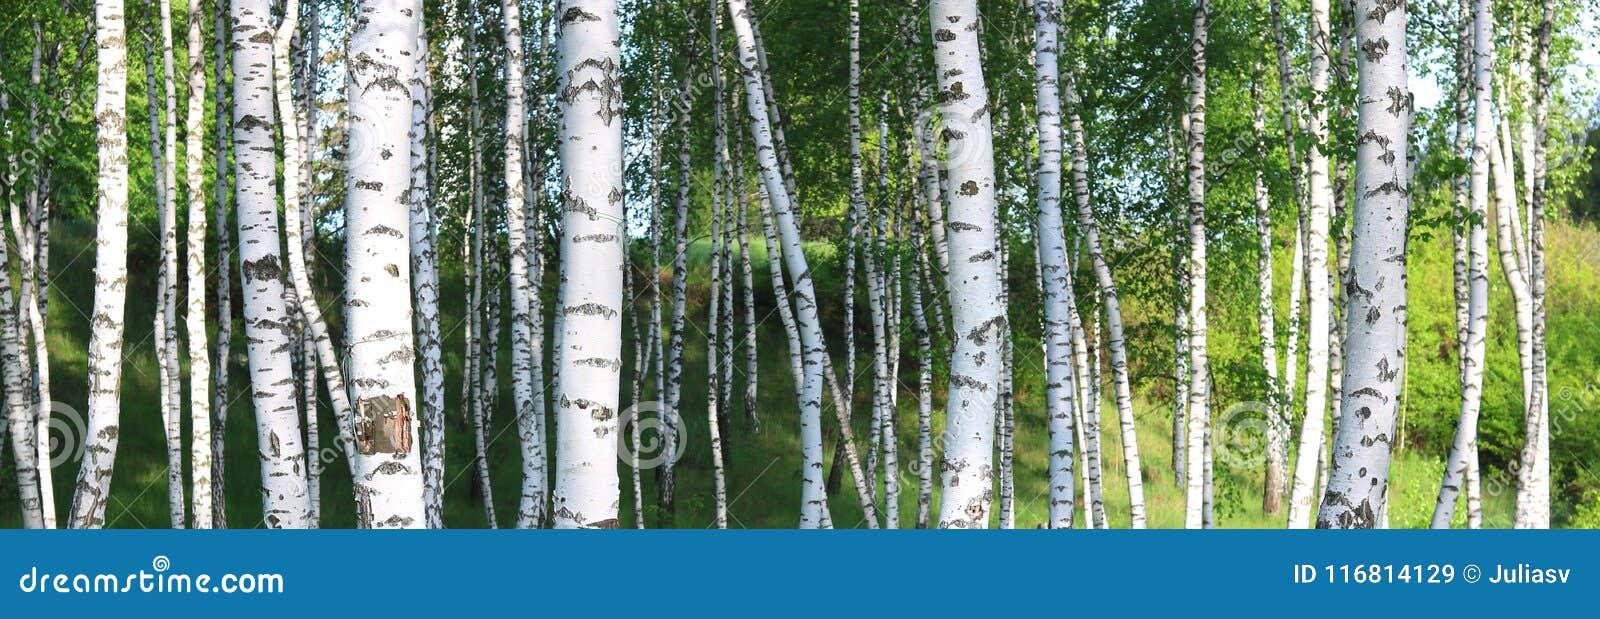 I bei alberi di betulla con la corteccia di betulla bianca nel boschetto della betulla con la betulla verde va